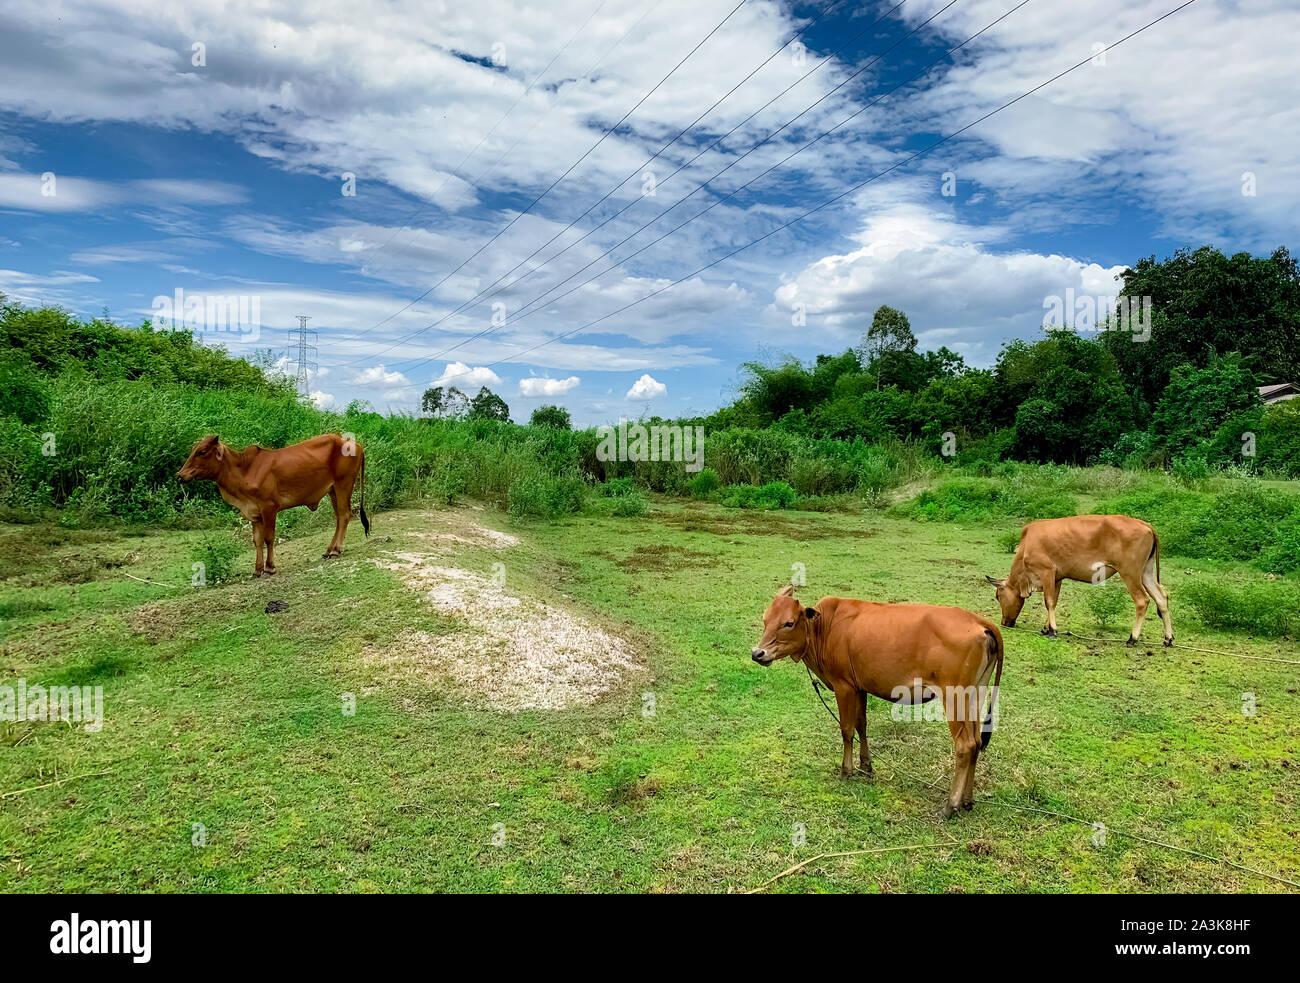 Rebaño de vacas pastando en praderas de césped verde. Brown cow en la pastura. La carne de vaca de cría de ganado. El ganado. Alto voltaje eléctrico pilón en rebelión en la granja Foto de stock